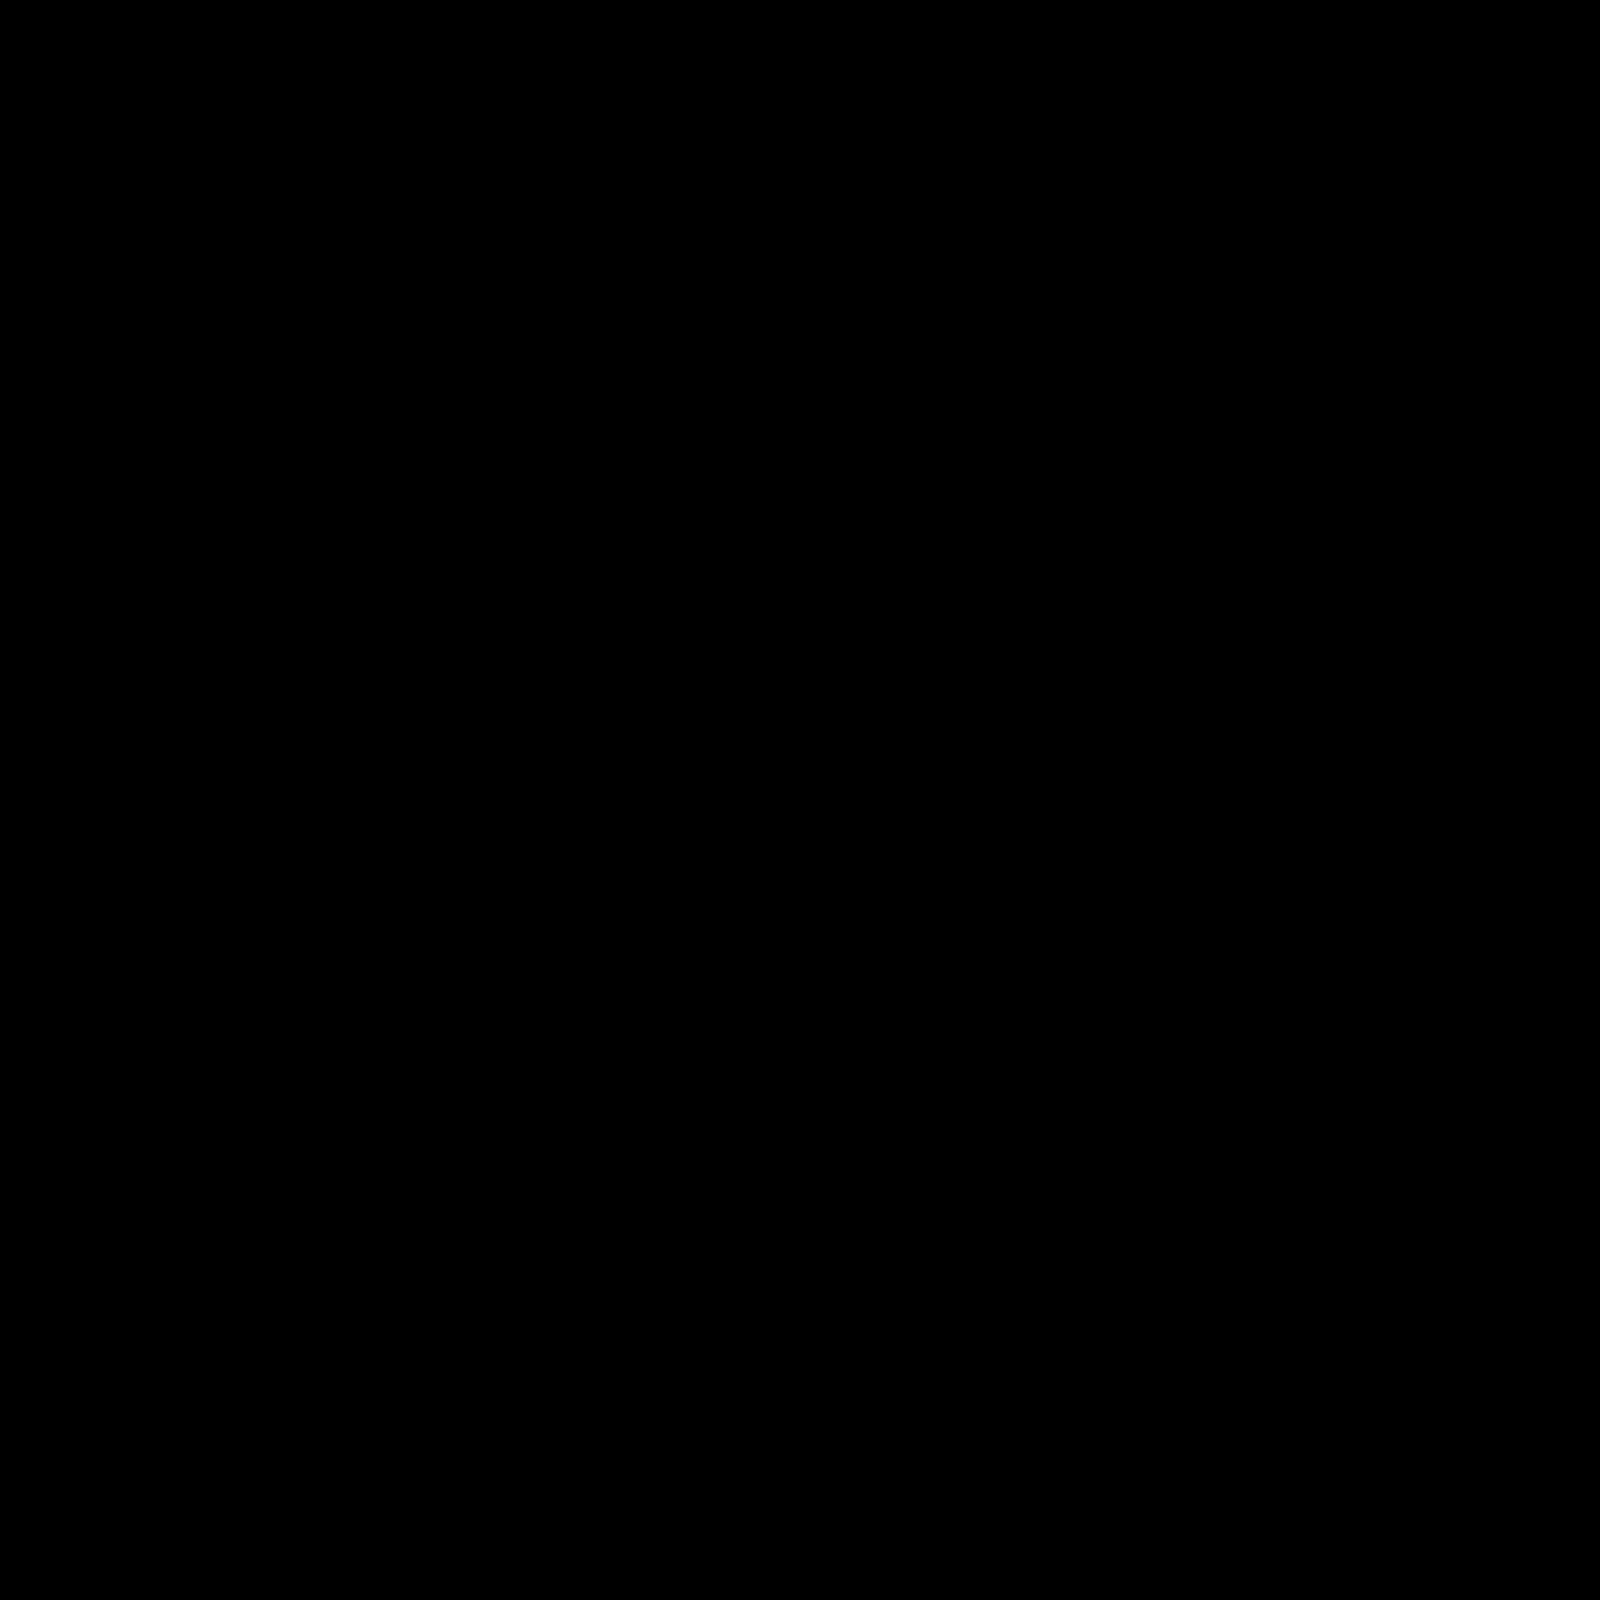 Dwukrotnie w lewo icon